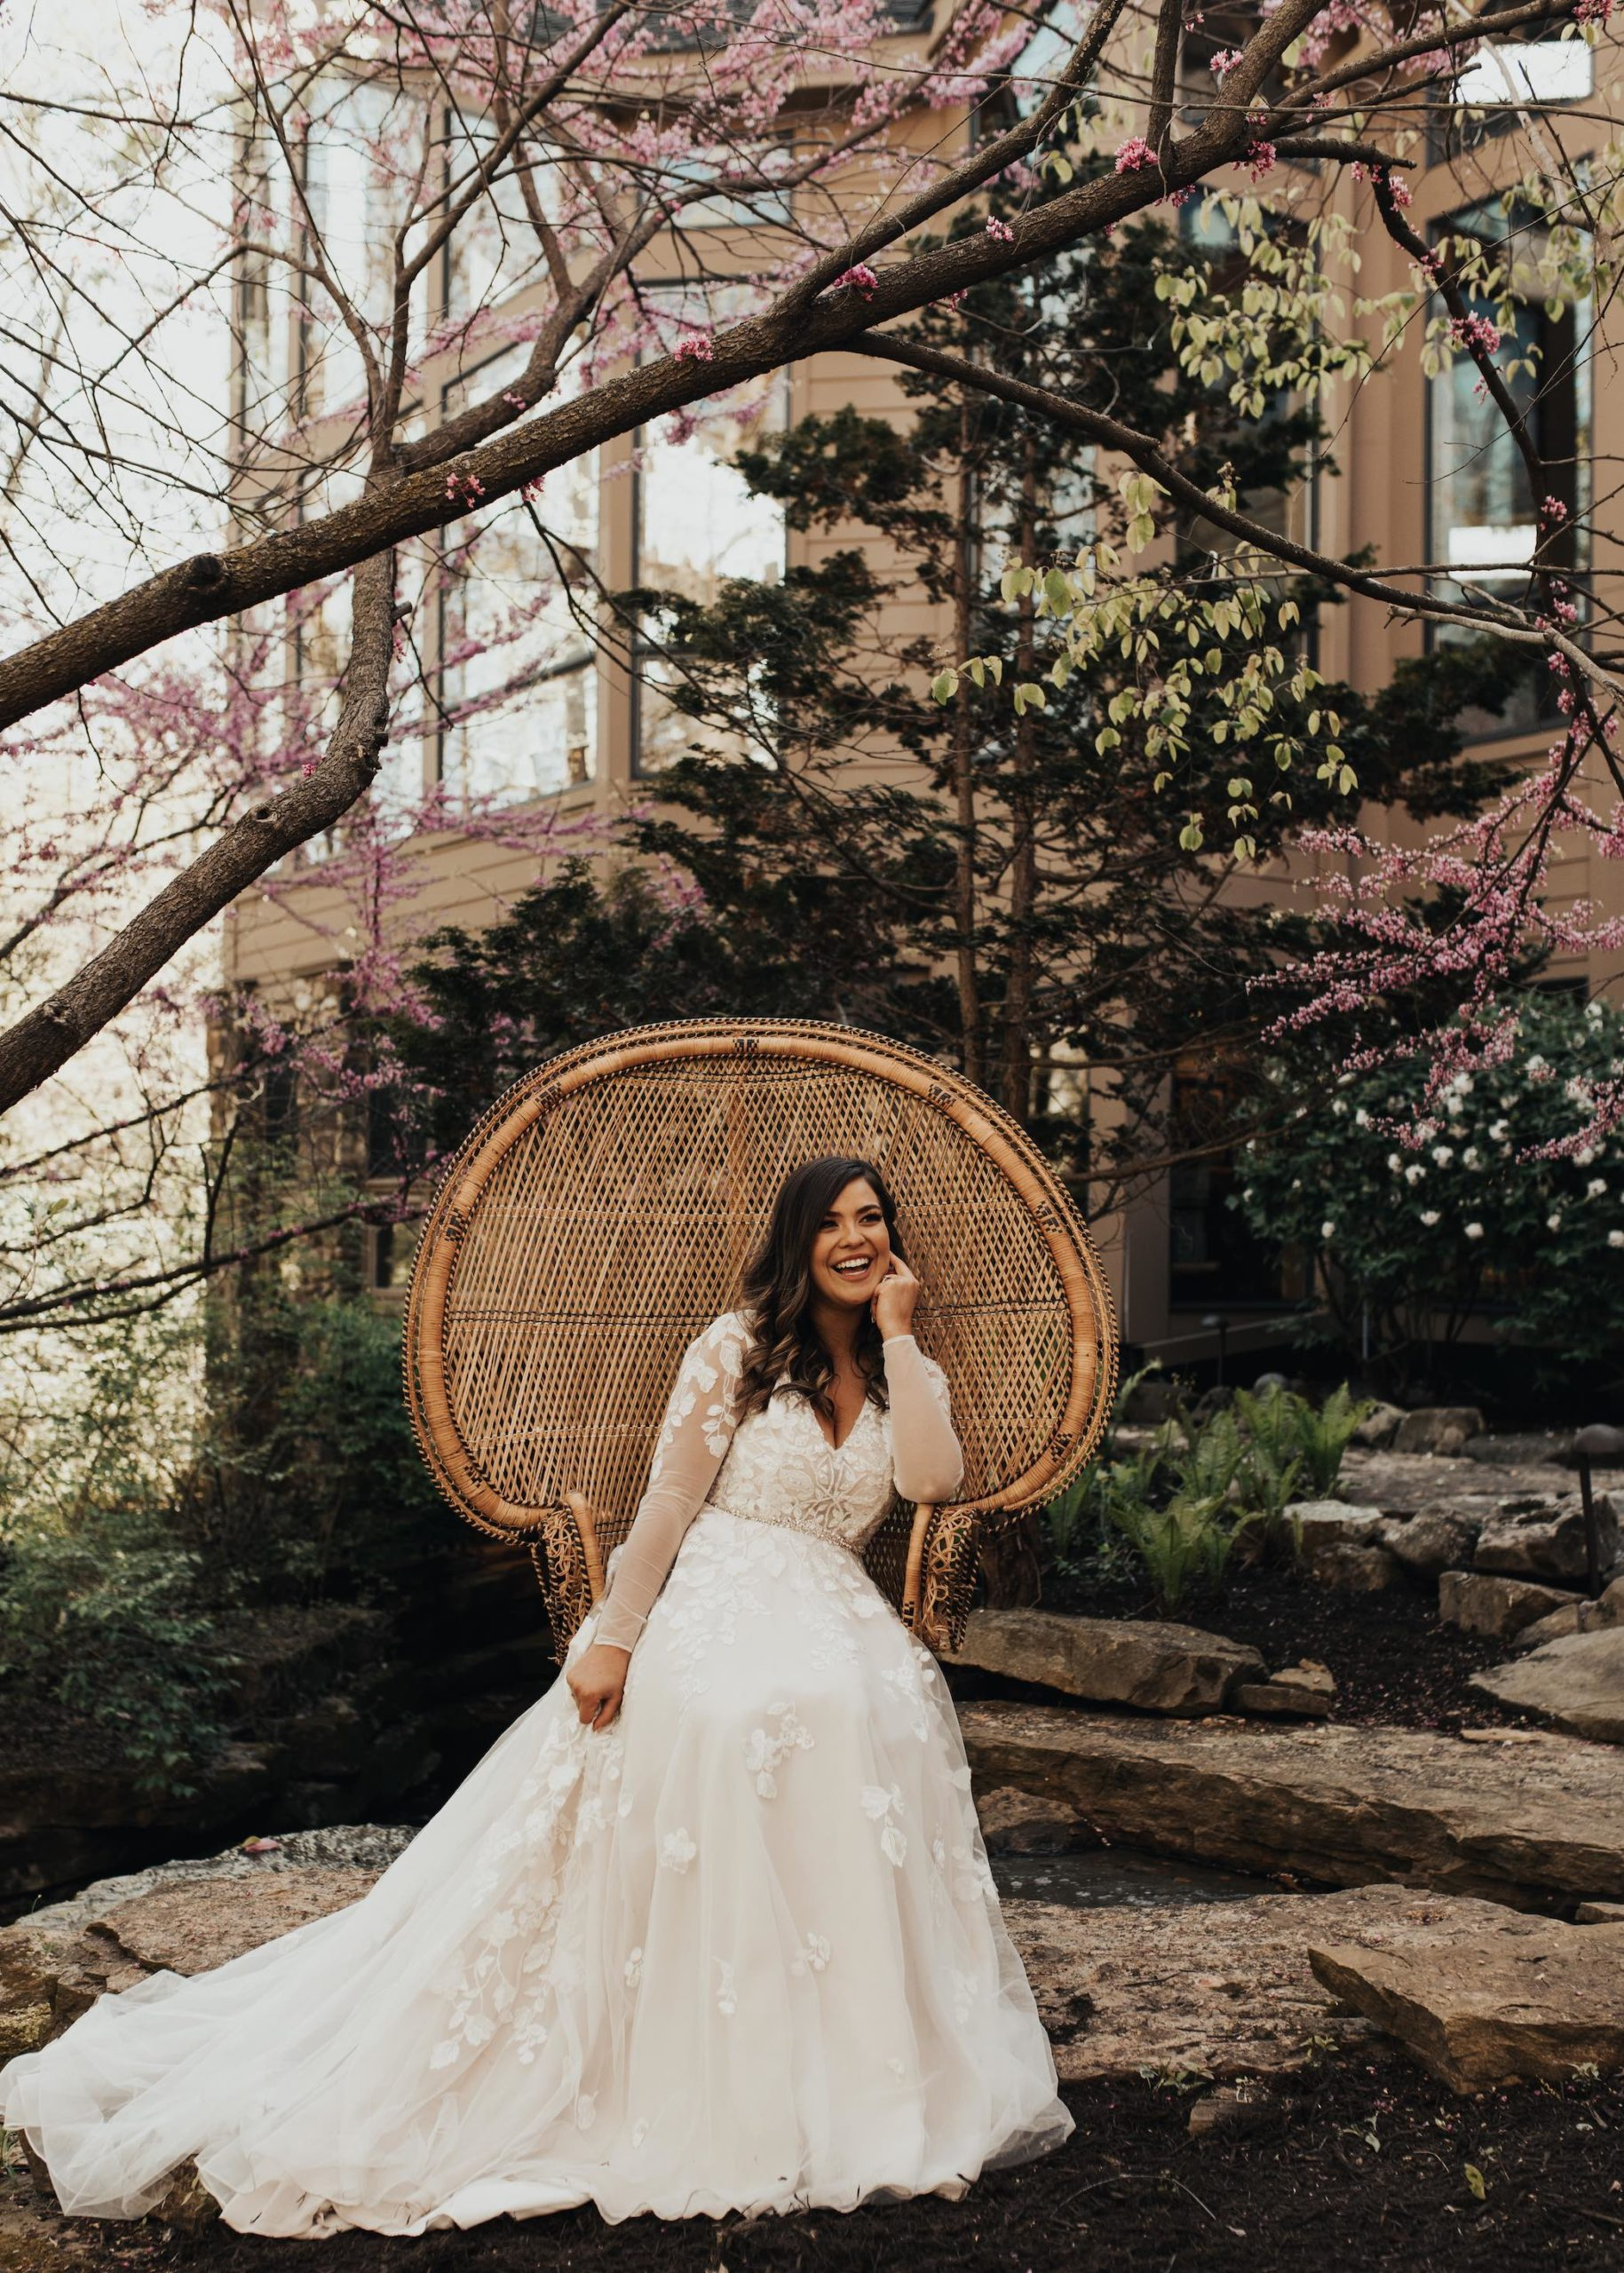 Solo Bride Shot